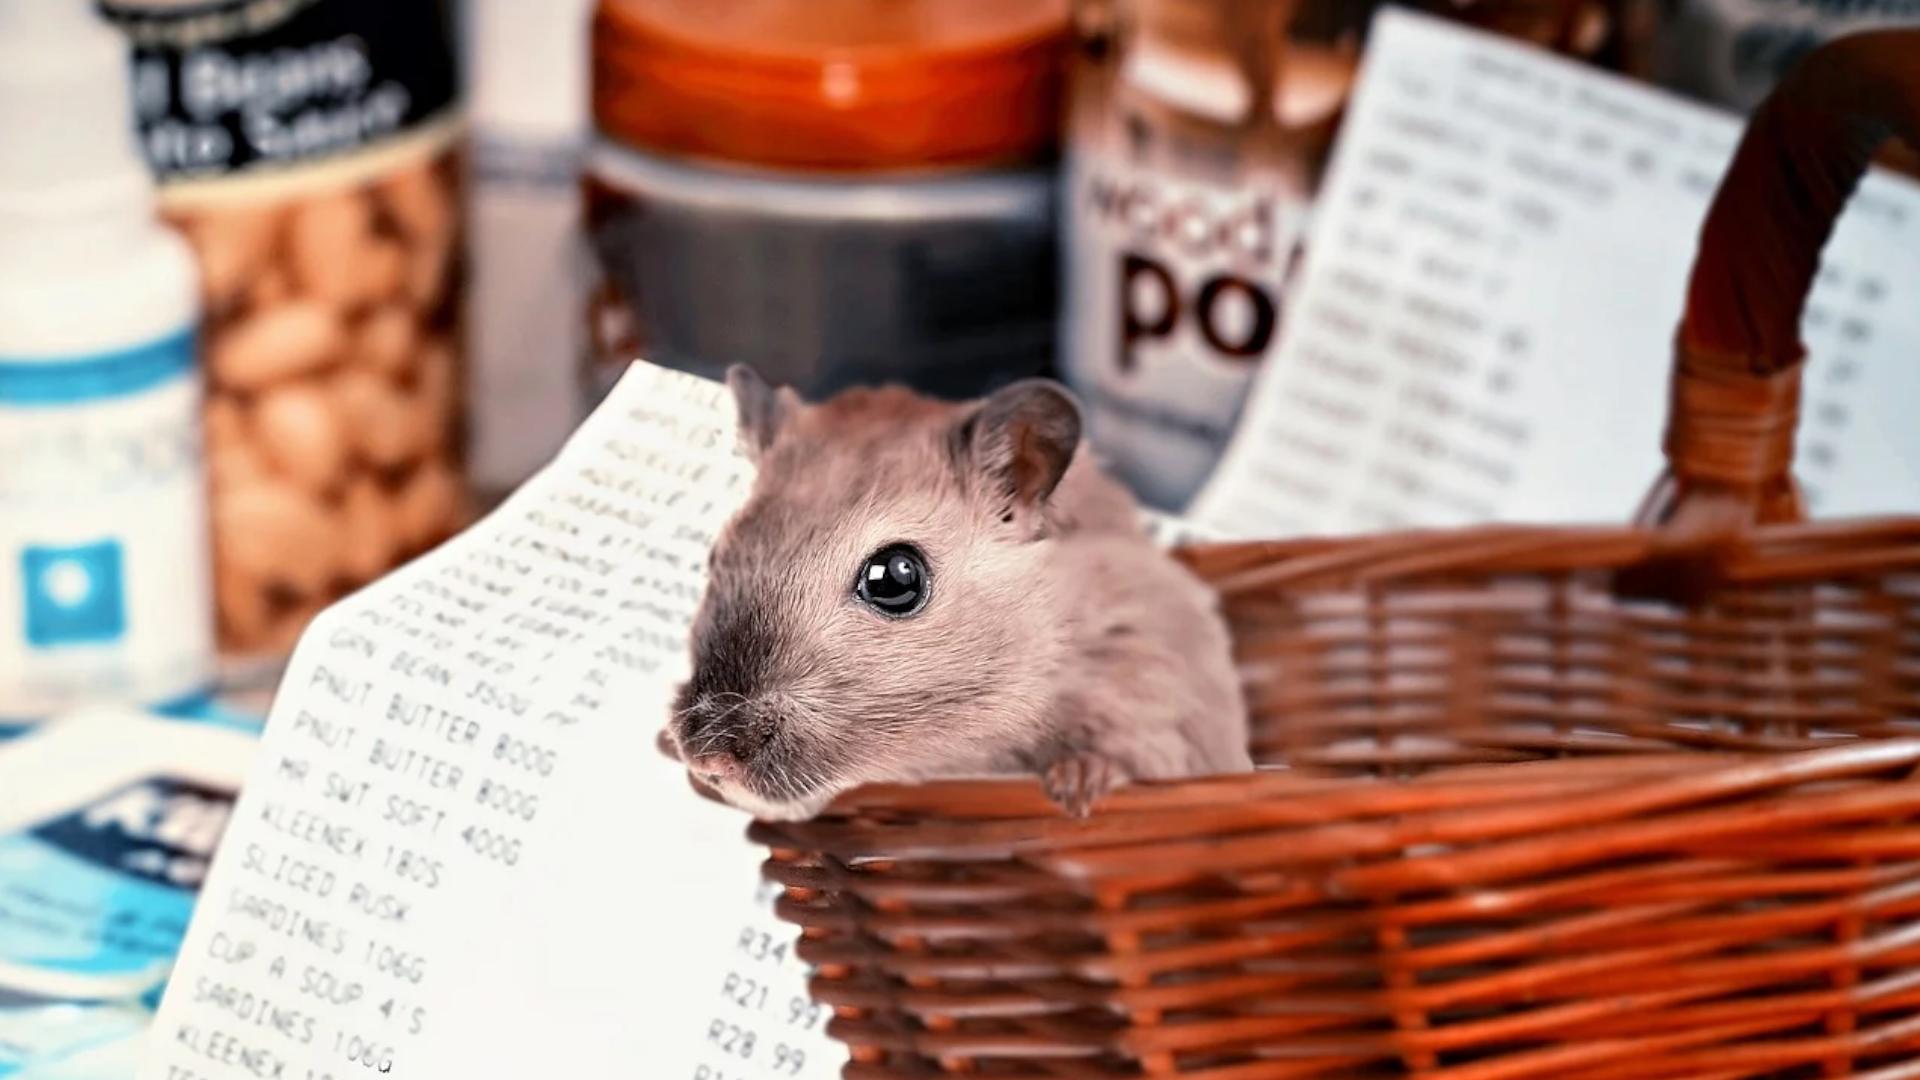 Hamsterkauf: 5 spannende Fakten zu dem Phänomen